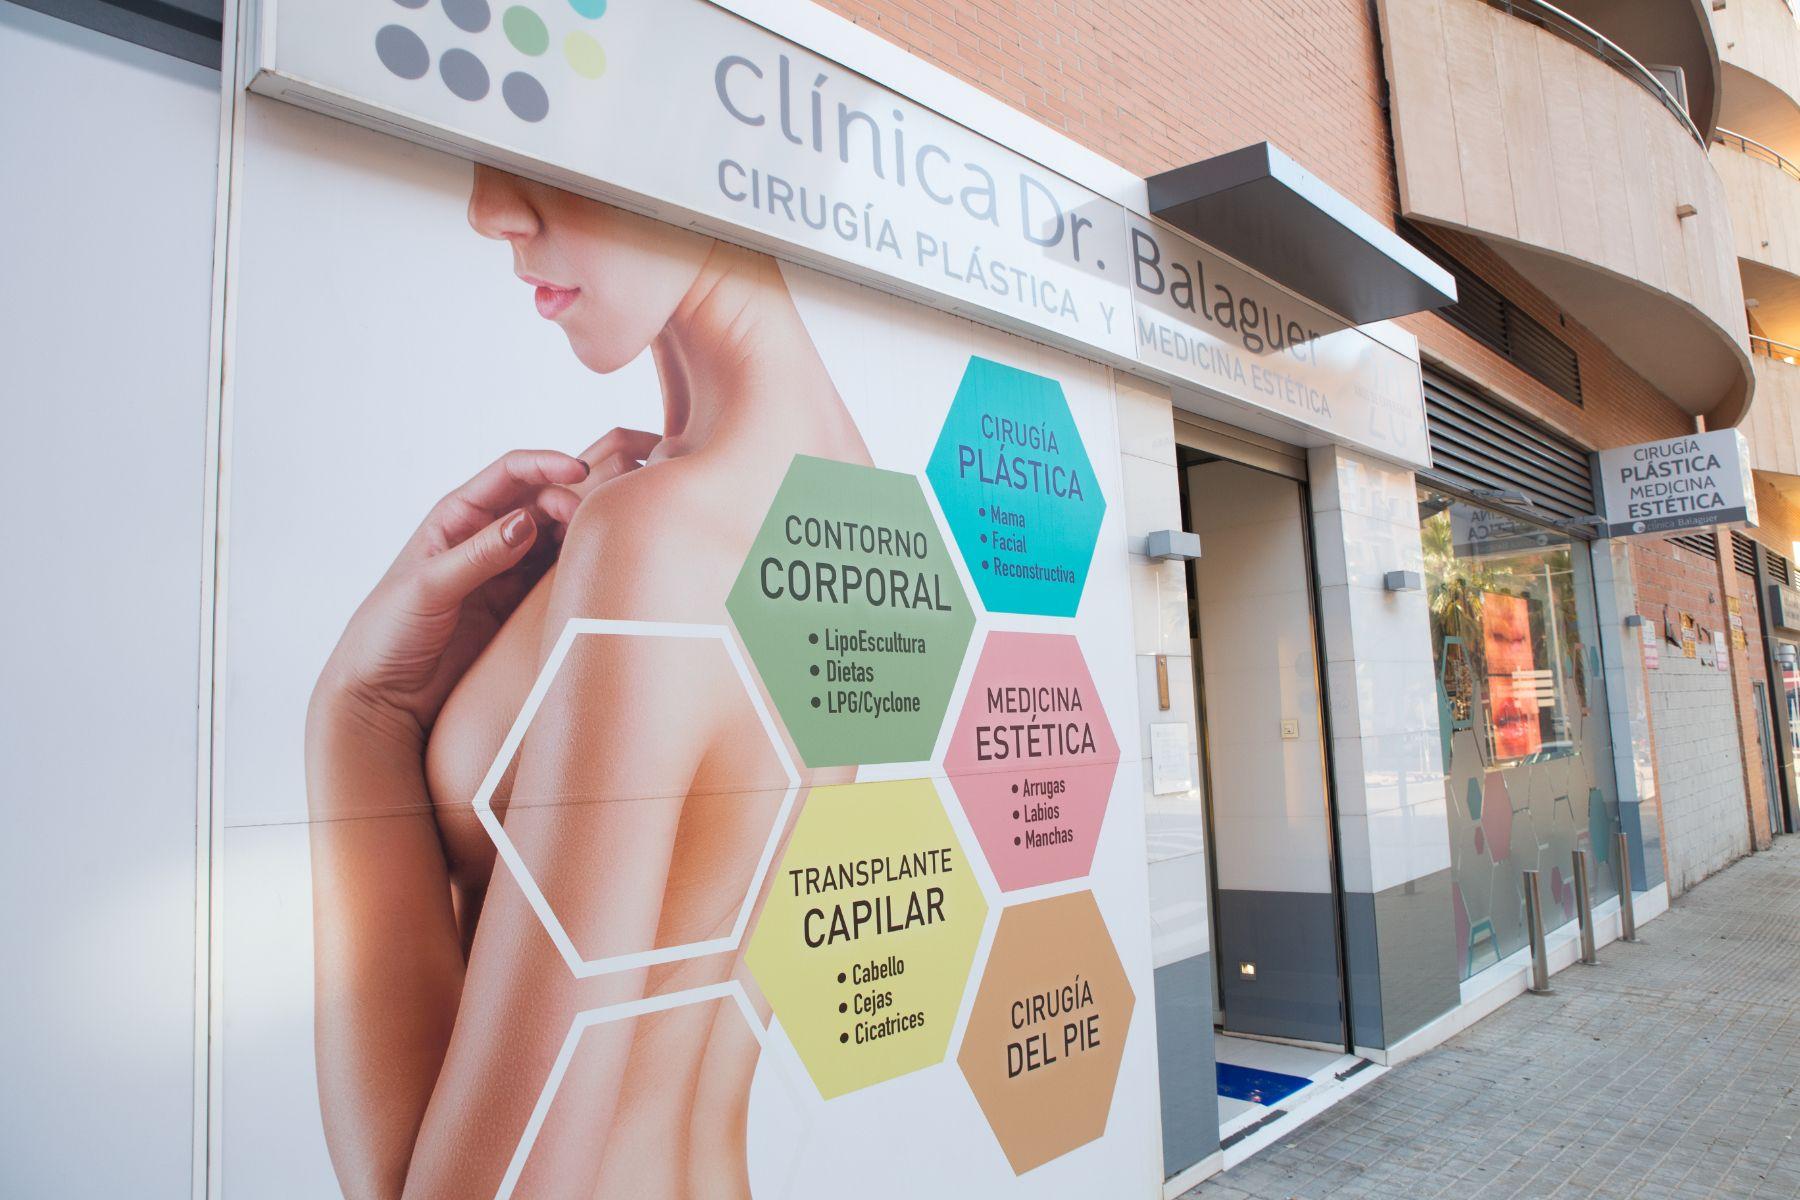 clinica dr balaguer020